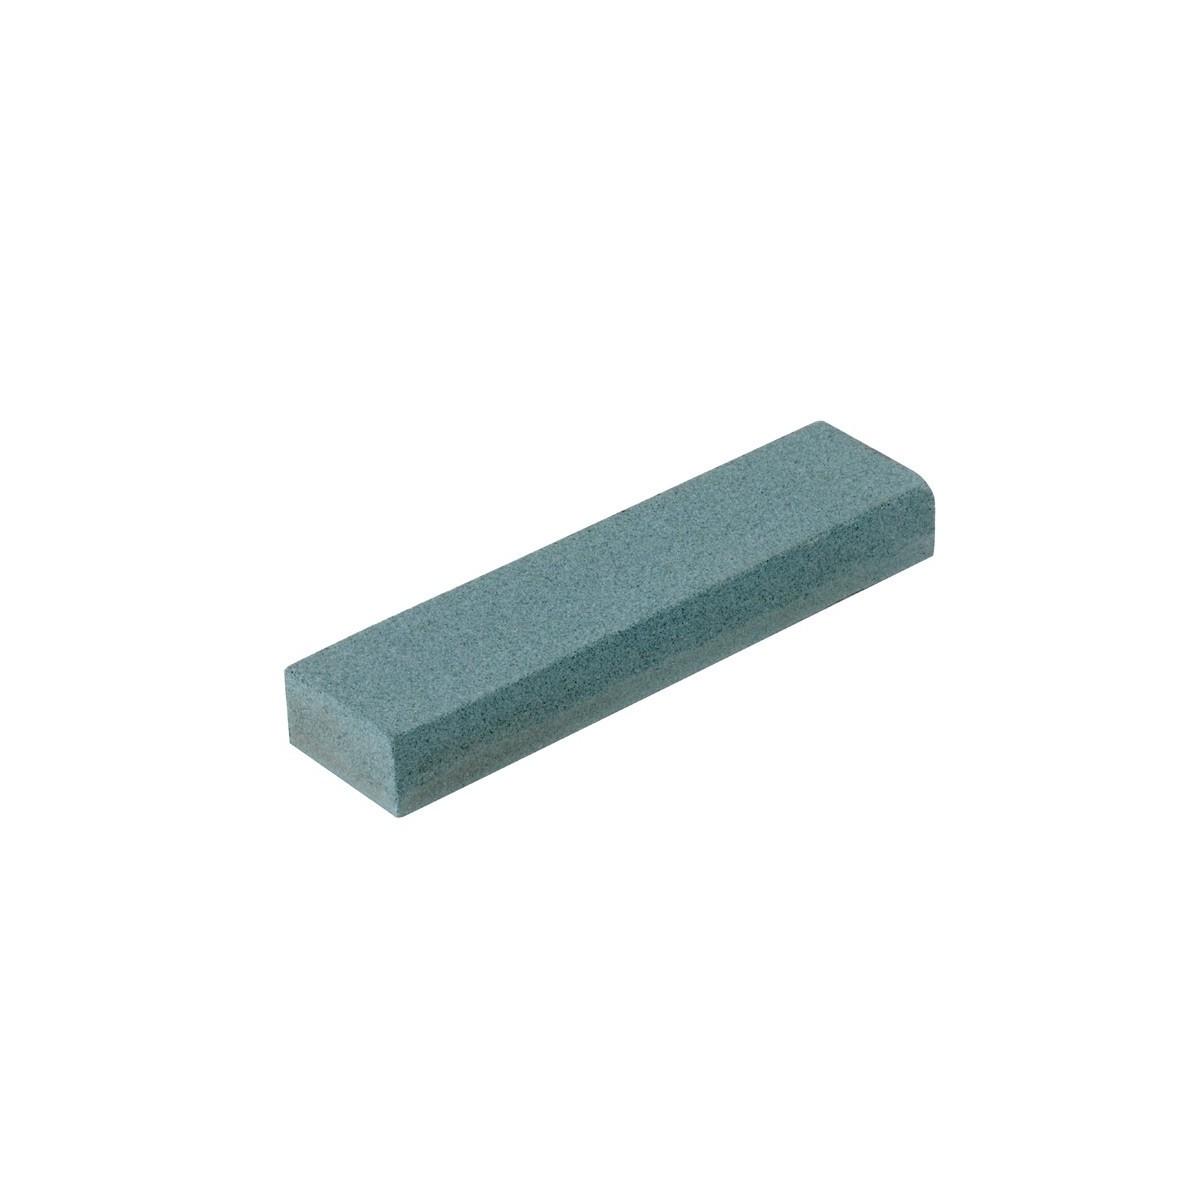 Bahco piedra sintetica afilado 2 granos 180/400 ls-combiness 100mm